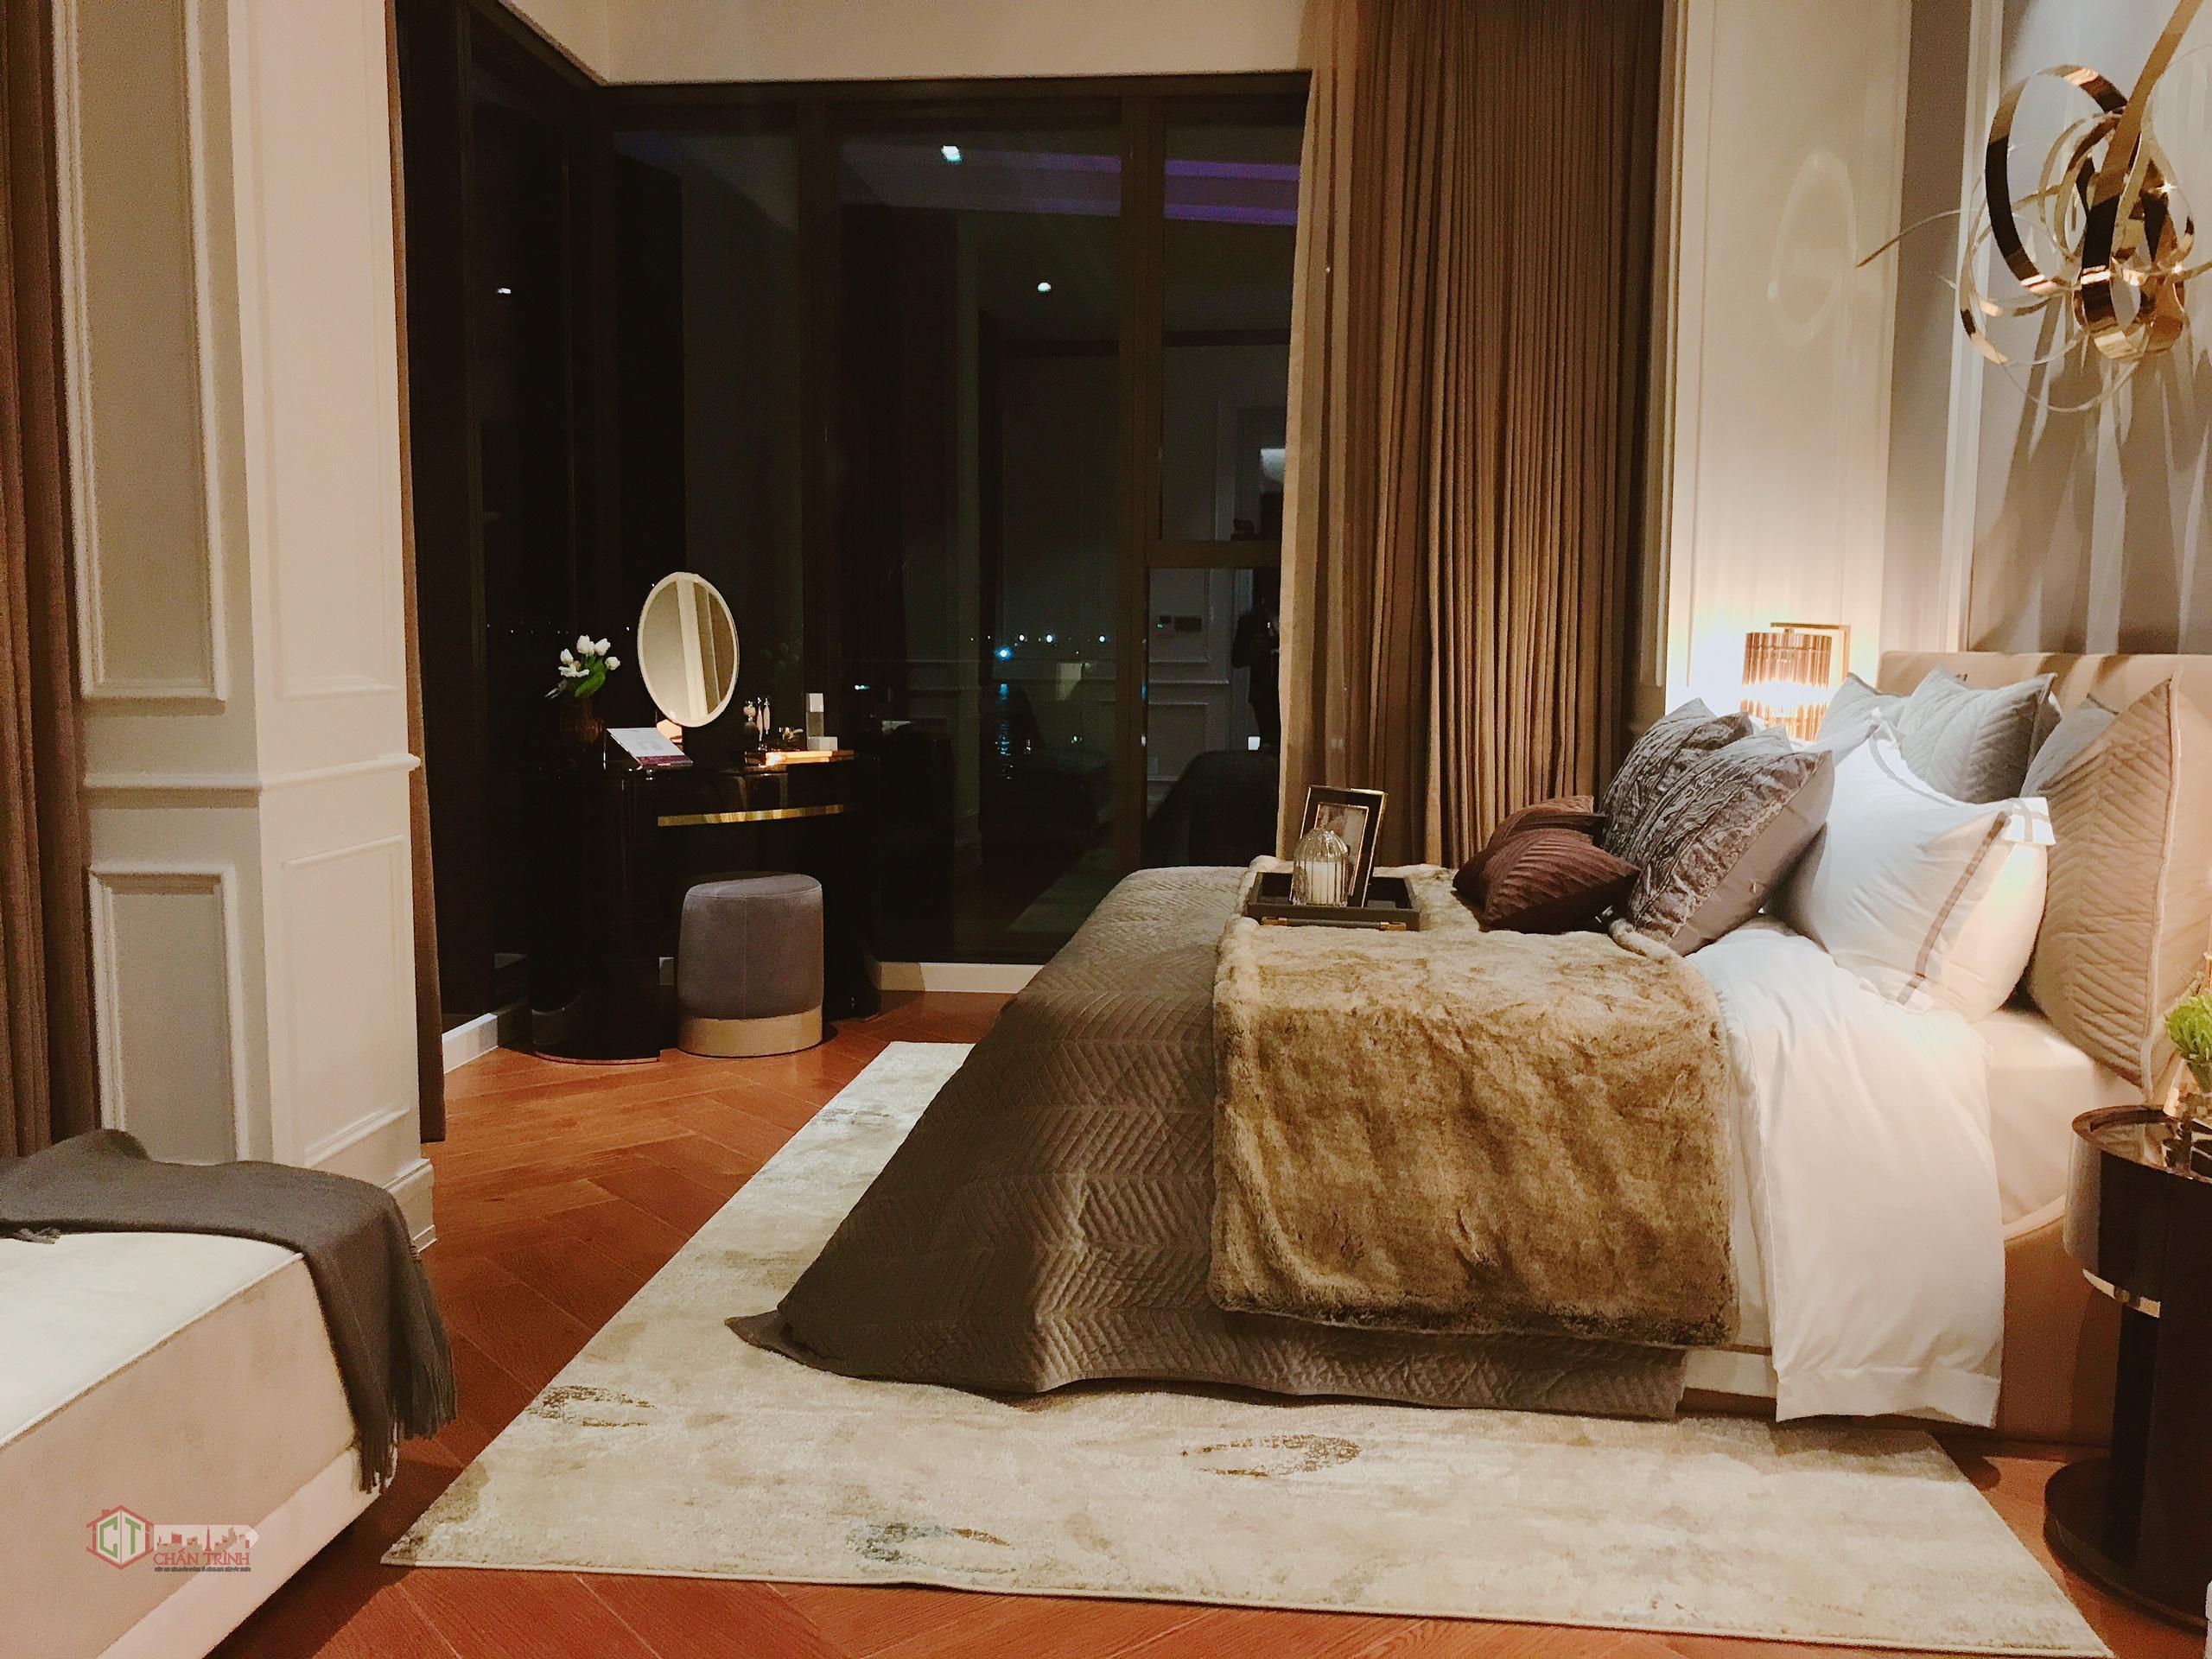 Phòng ngủ căn hộ 2 phòng ngủ The Centennial - Nhà mẫu dự án The Centennial